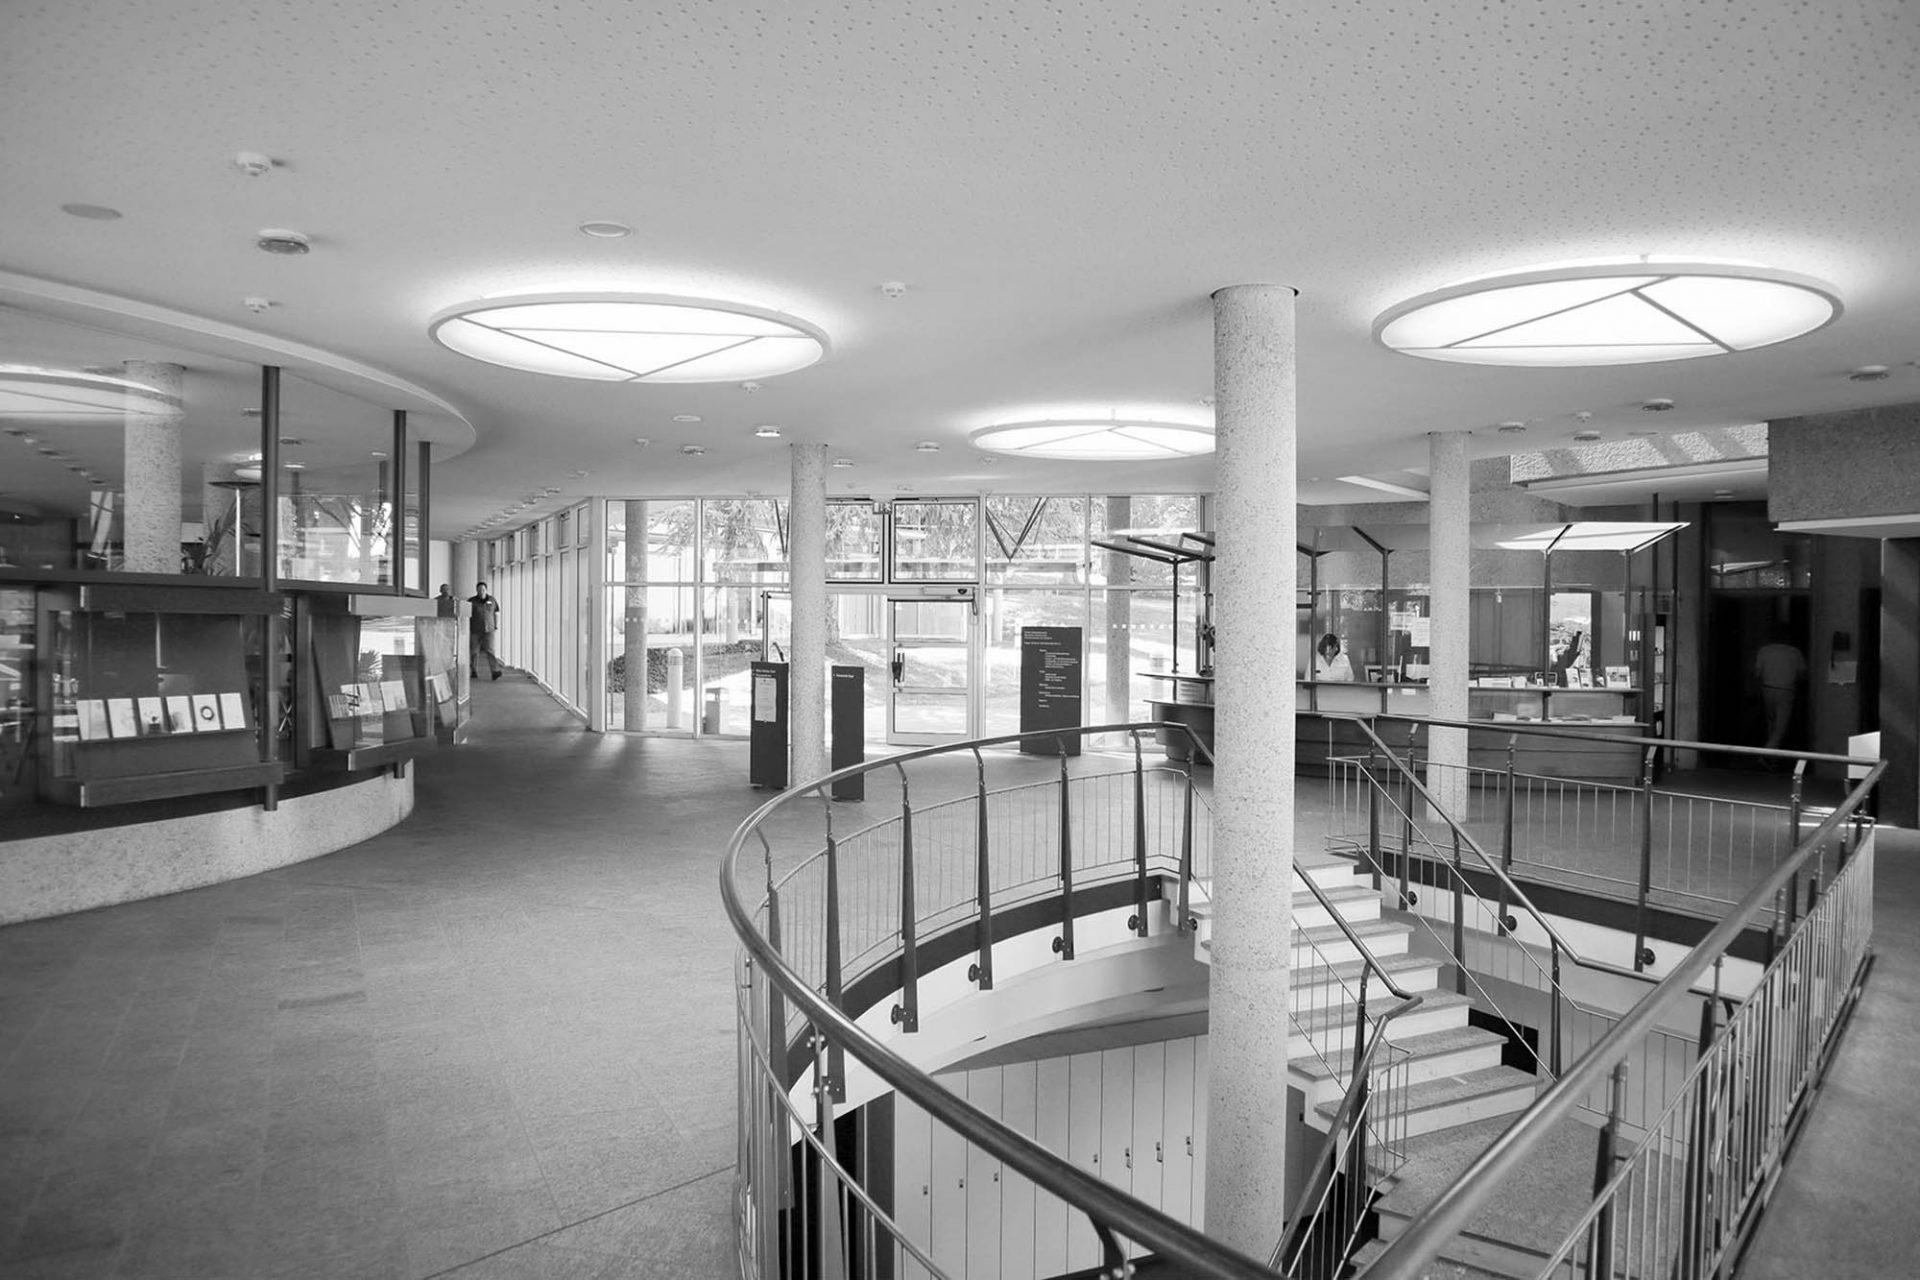 Deutsches Literaturarchiv. Das Foyer gibt einen Eindruck vom inneren Aufbau mit Split-Level-Galerien, die den zentralen Lesesaal ringförmig umfassen.